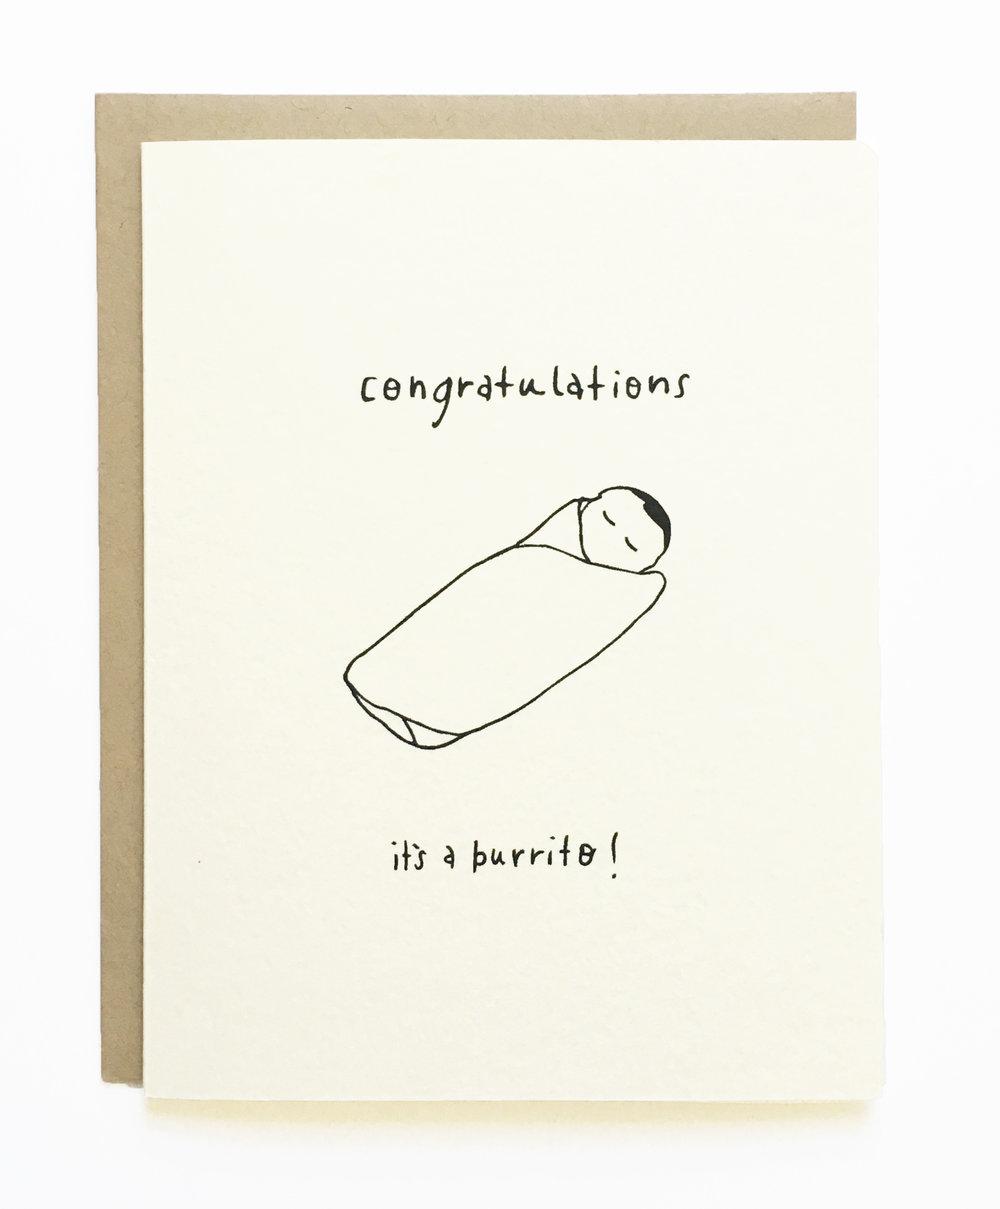 Congratulations - it's a burrito! New Baby